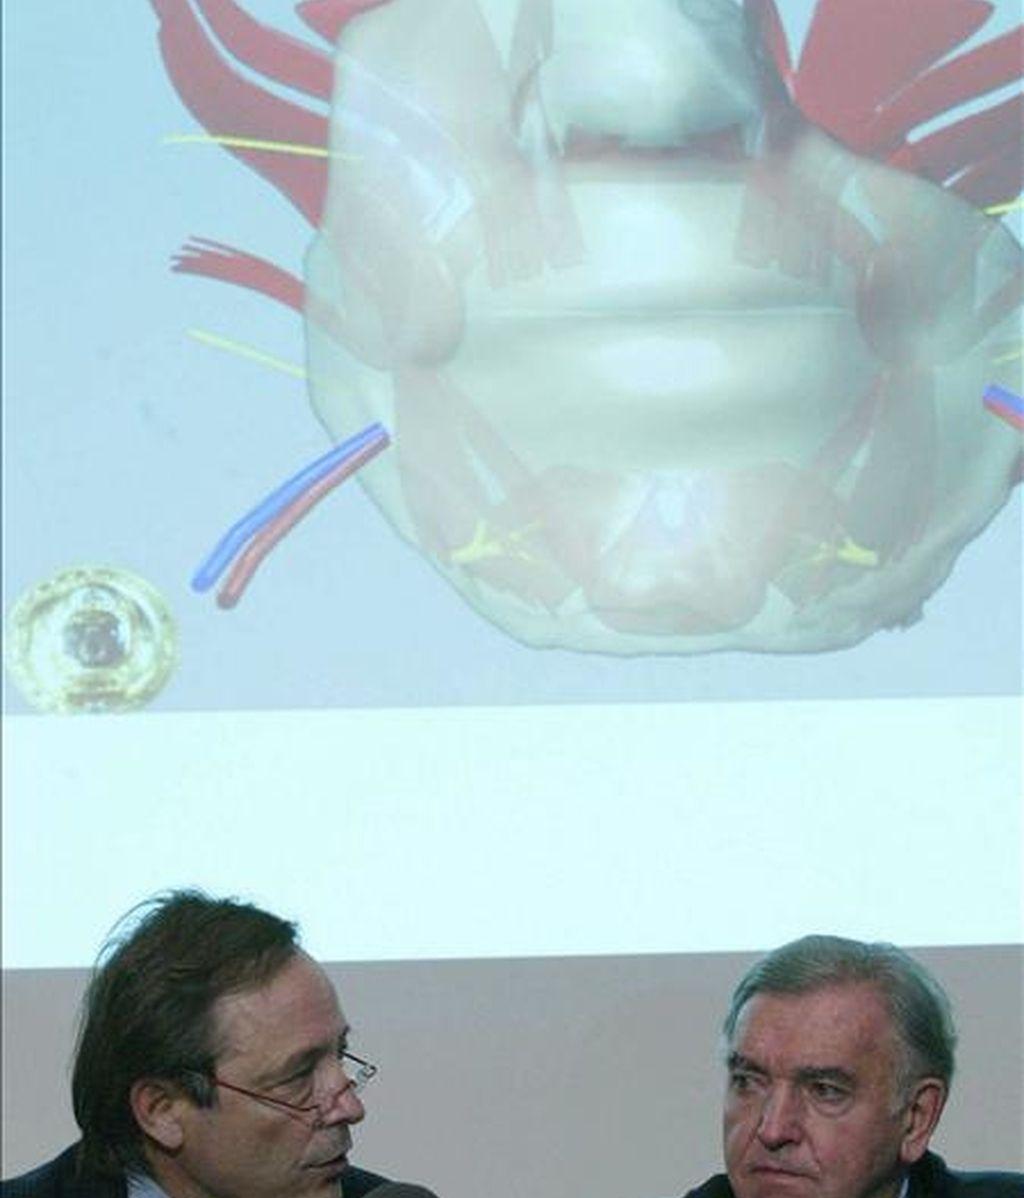 Dos cirujanos franceses atienden a los medios de comunicación en el hospital Edouard-Herriot de Lyon el pasado 2 de diciembre, tras realizar el primer transplante parcial de cara a una mujer de 38 años. EFE/Archivo